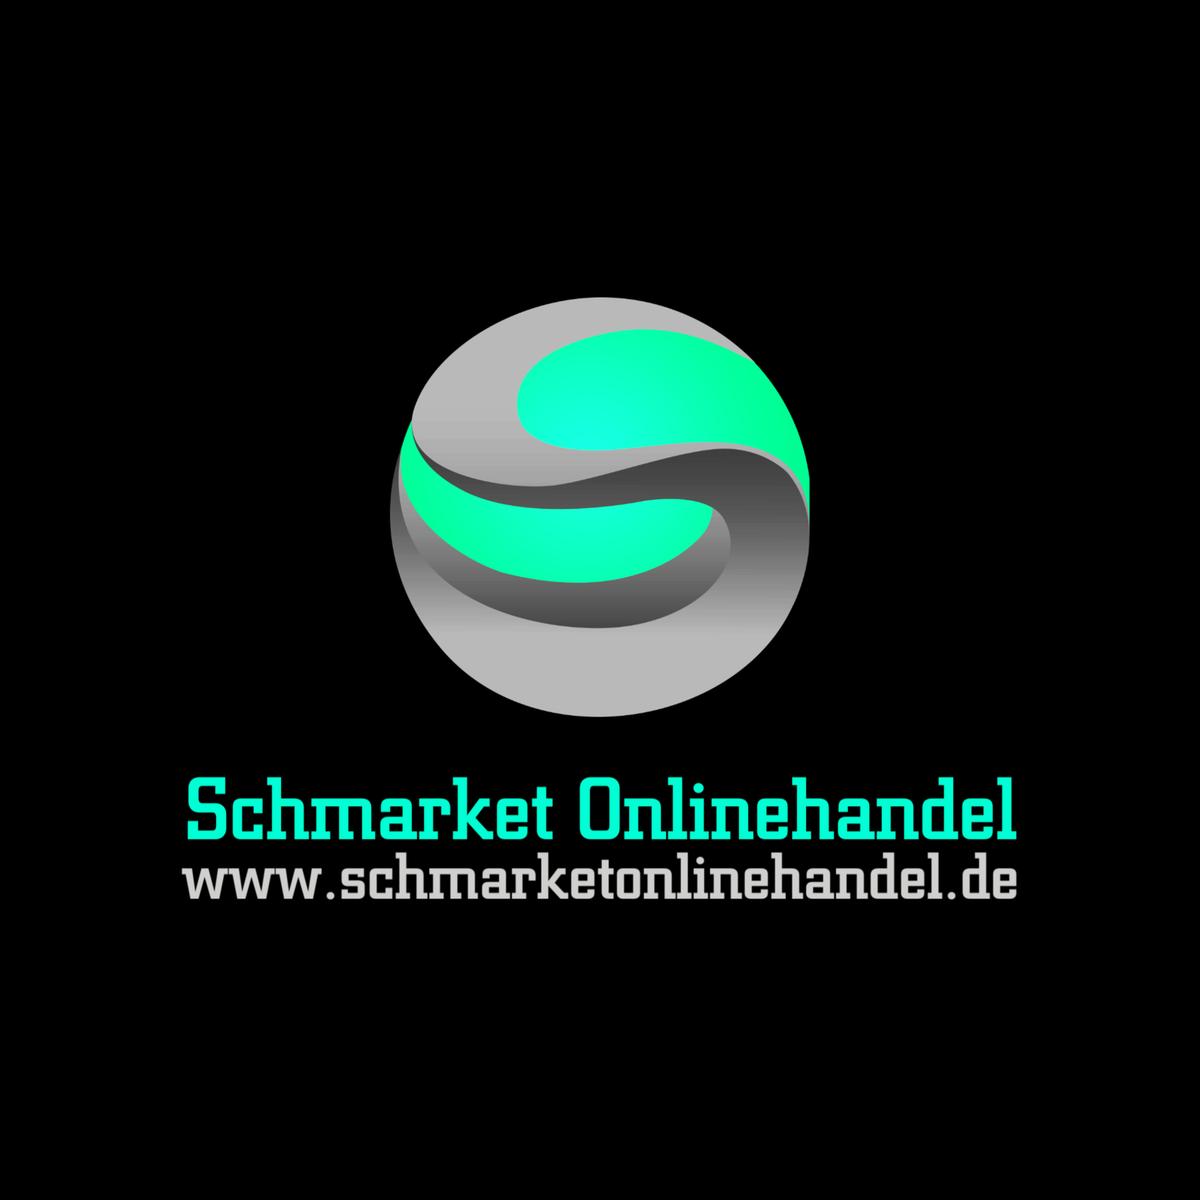 Schmarket Onlinehandel